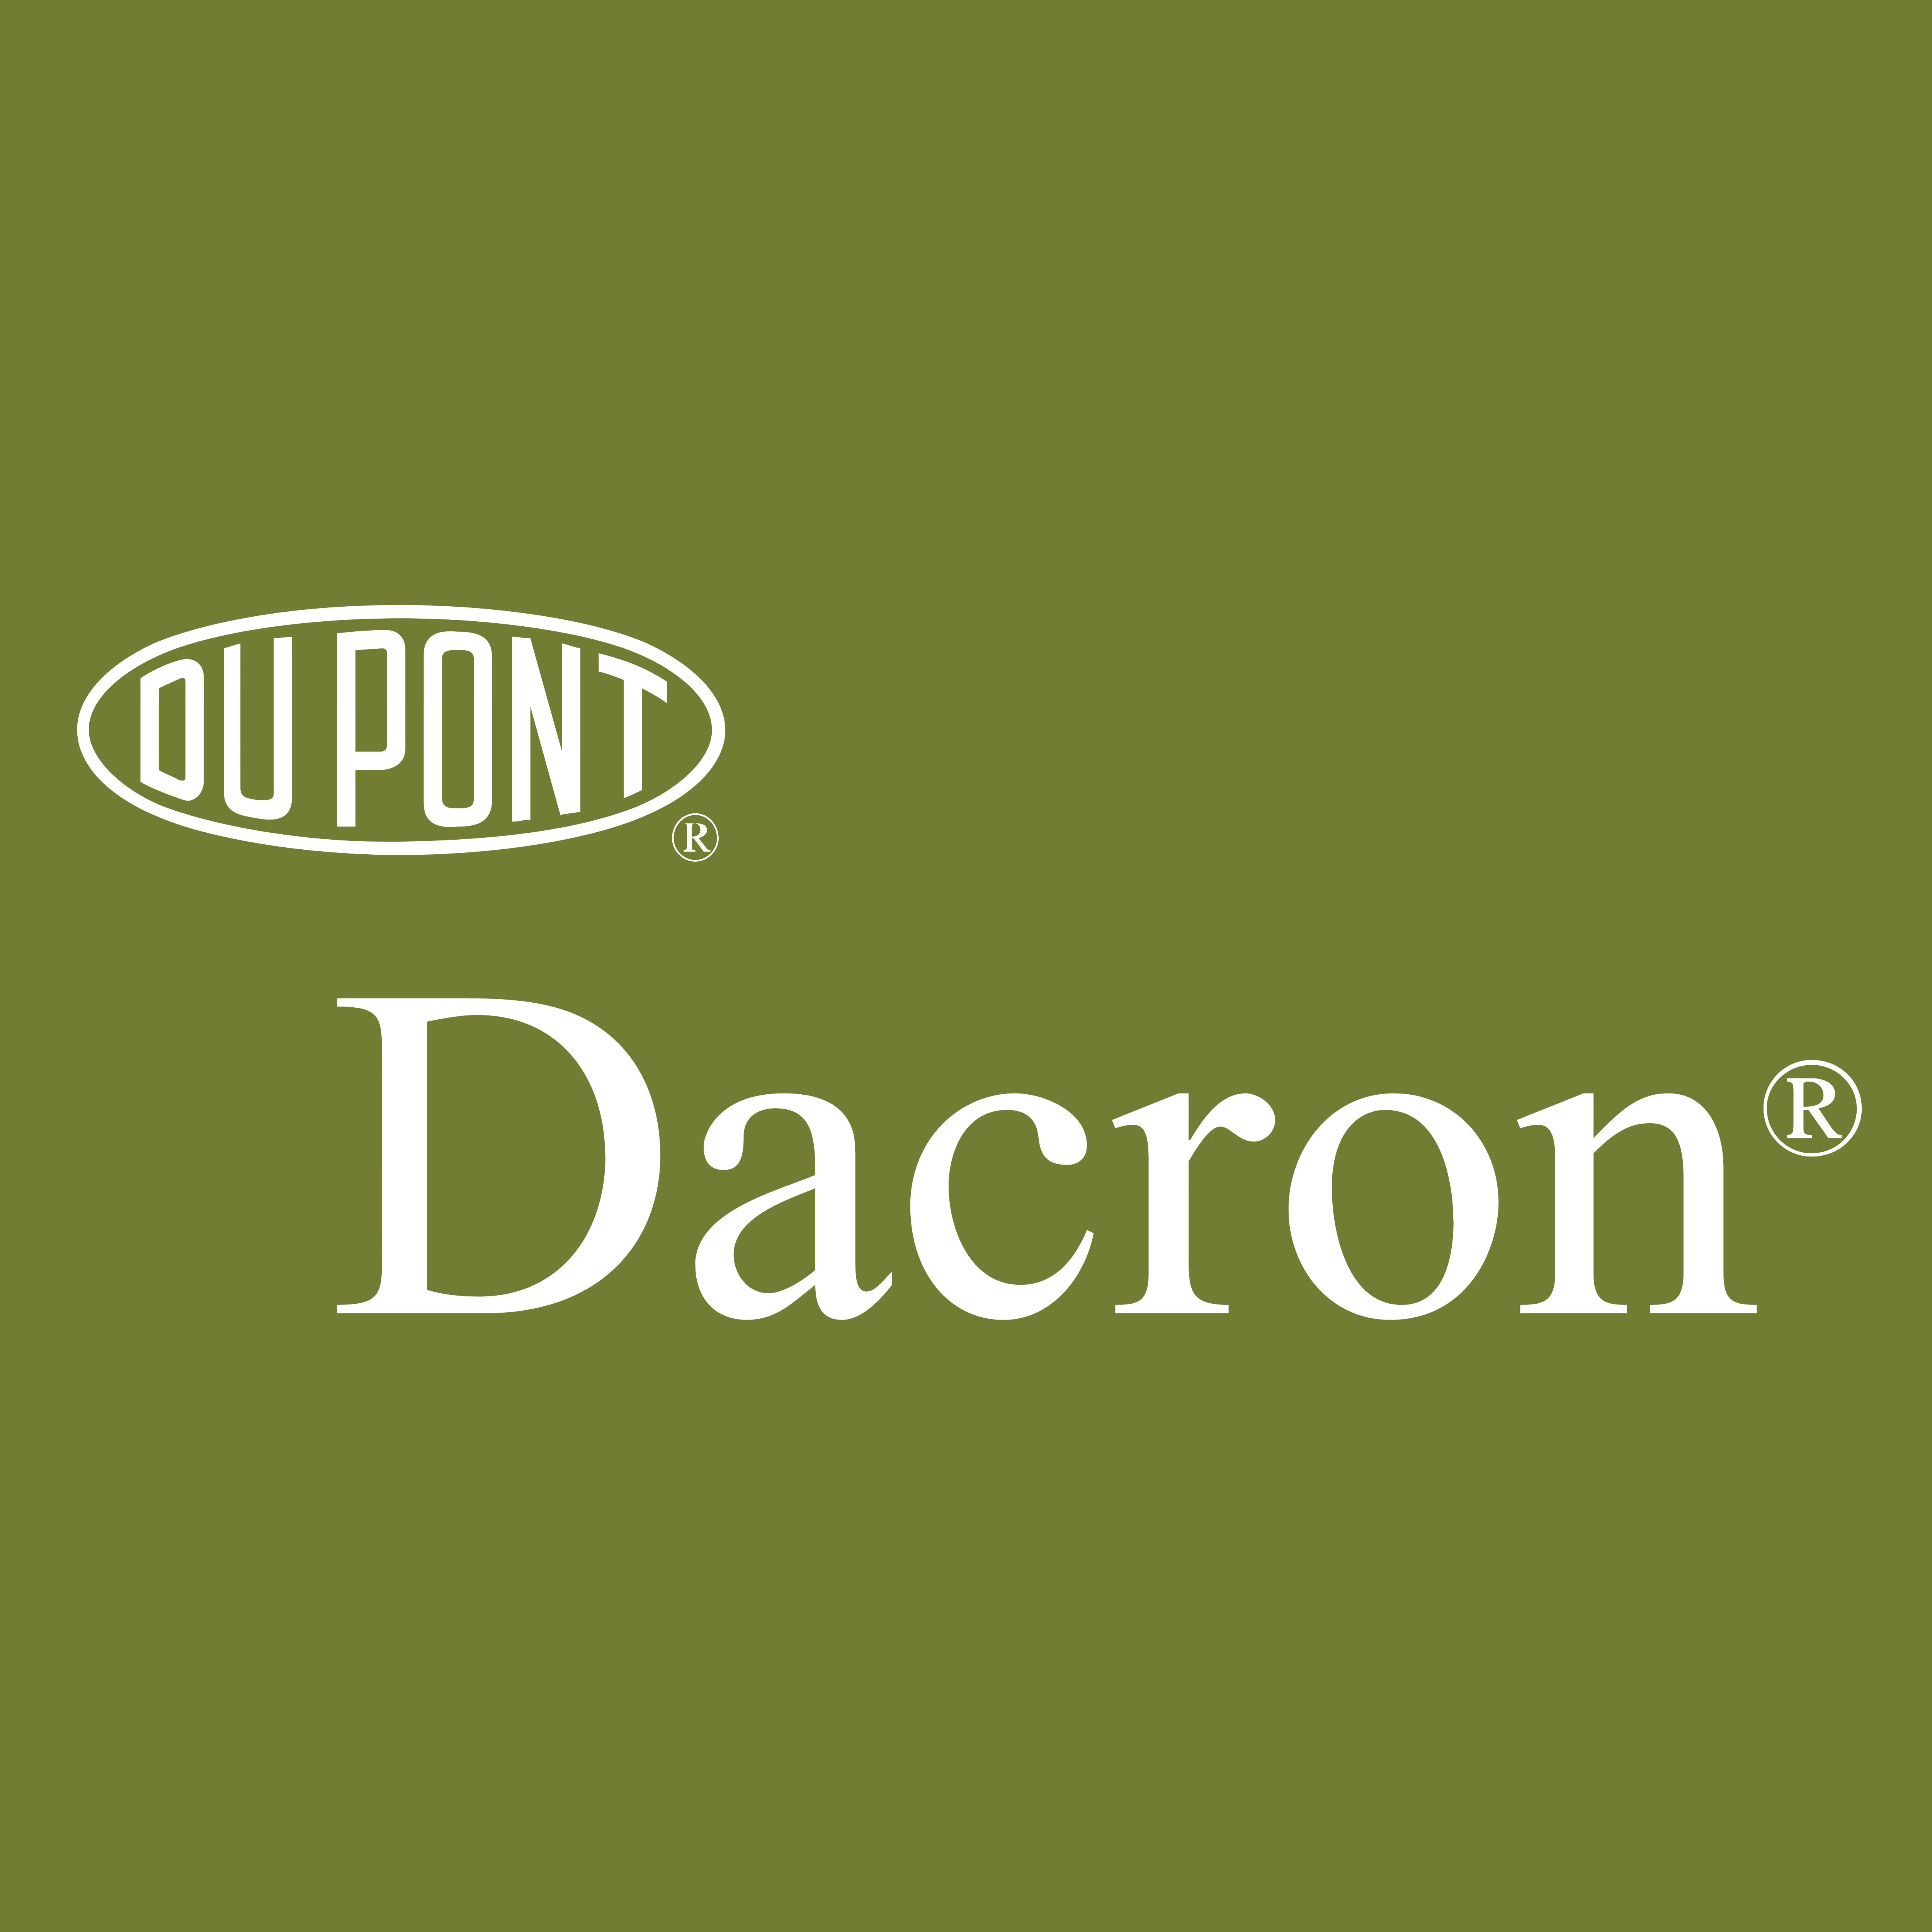 dupont � logos download